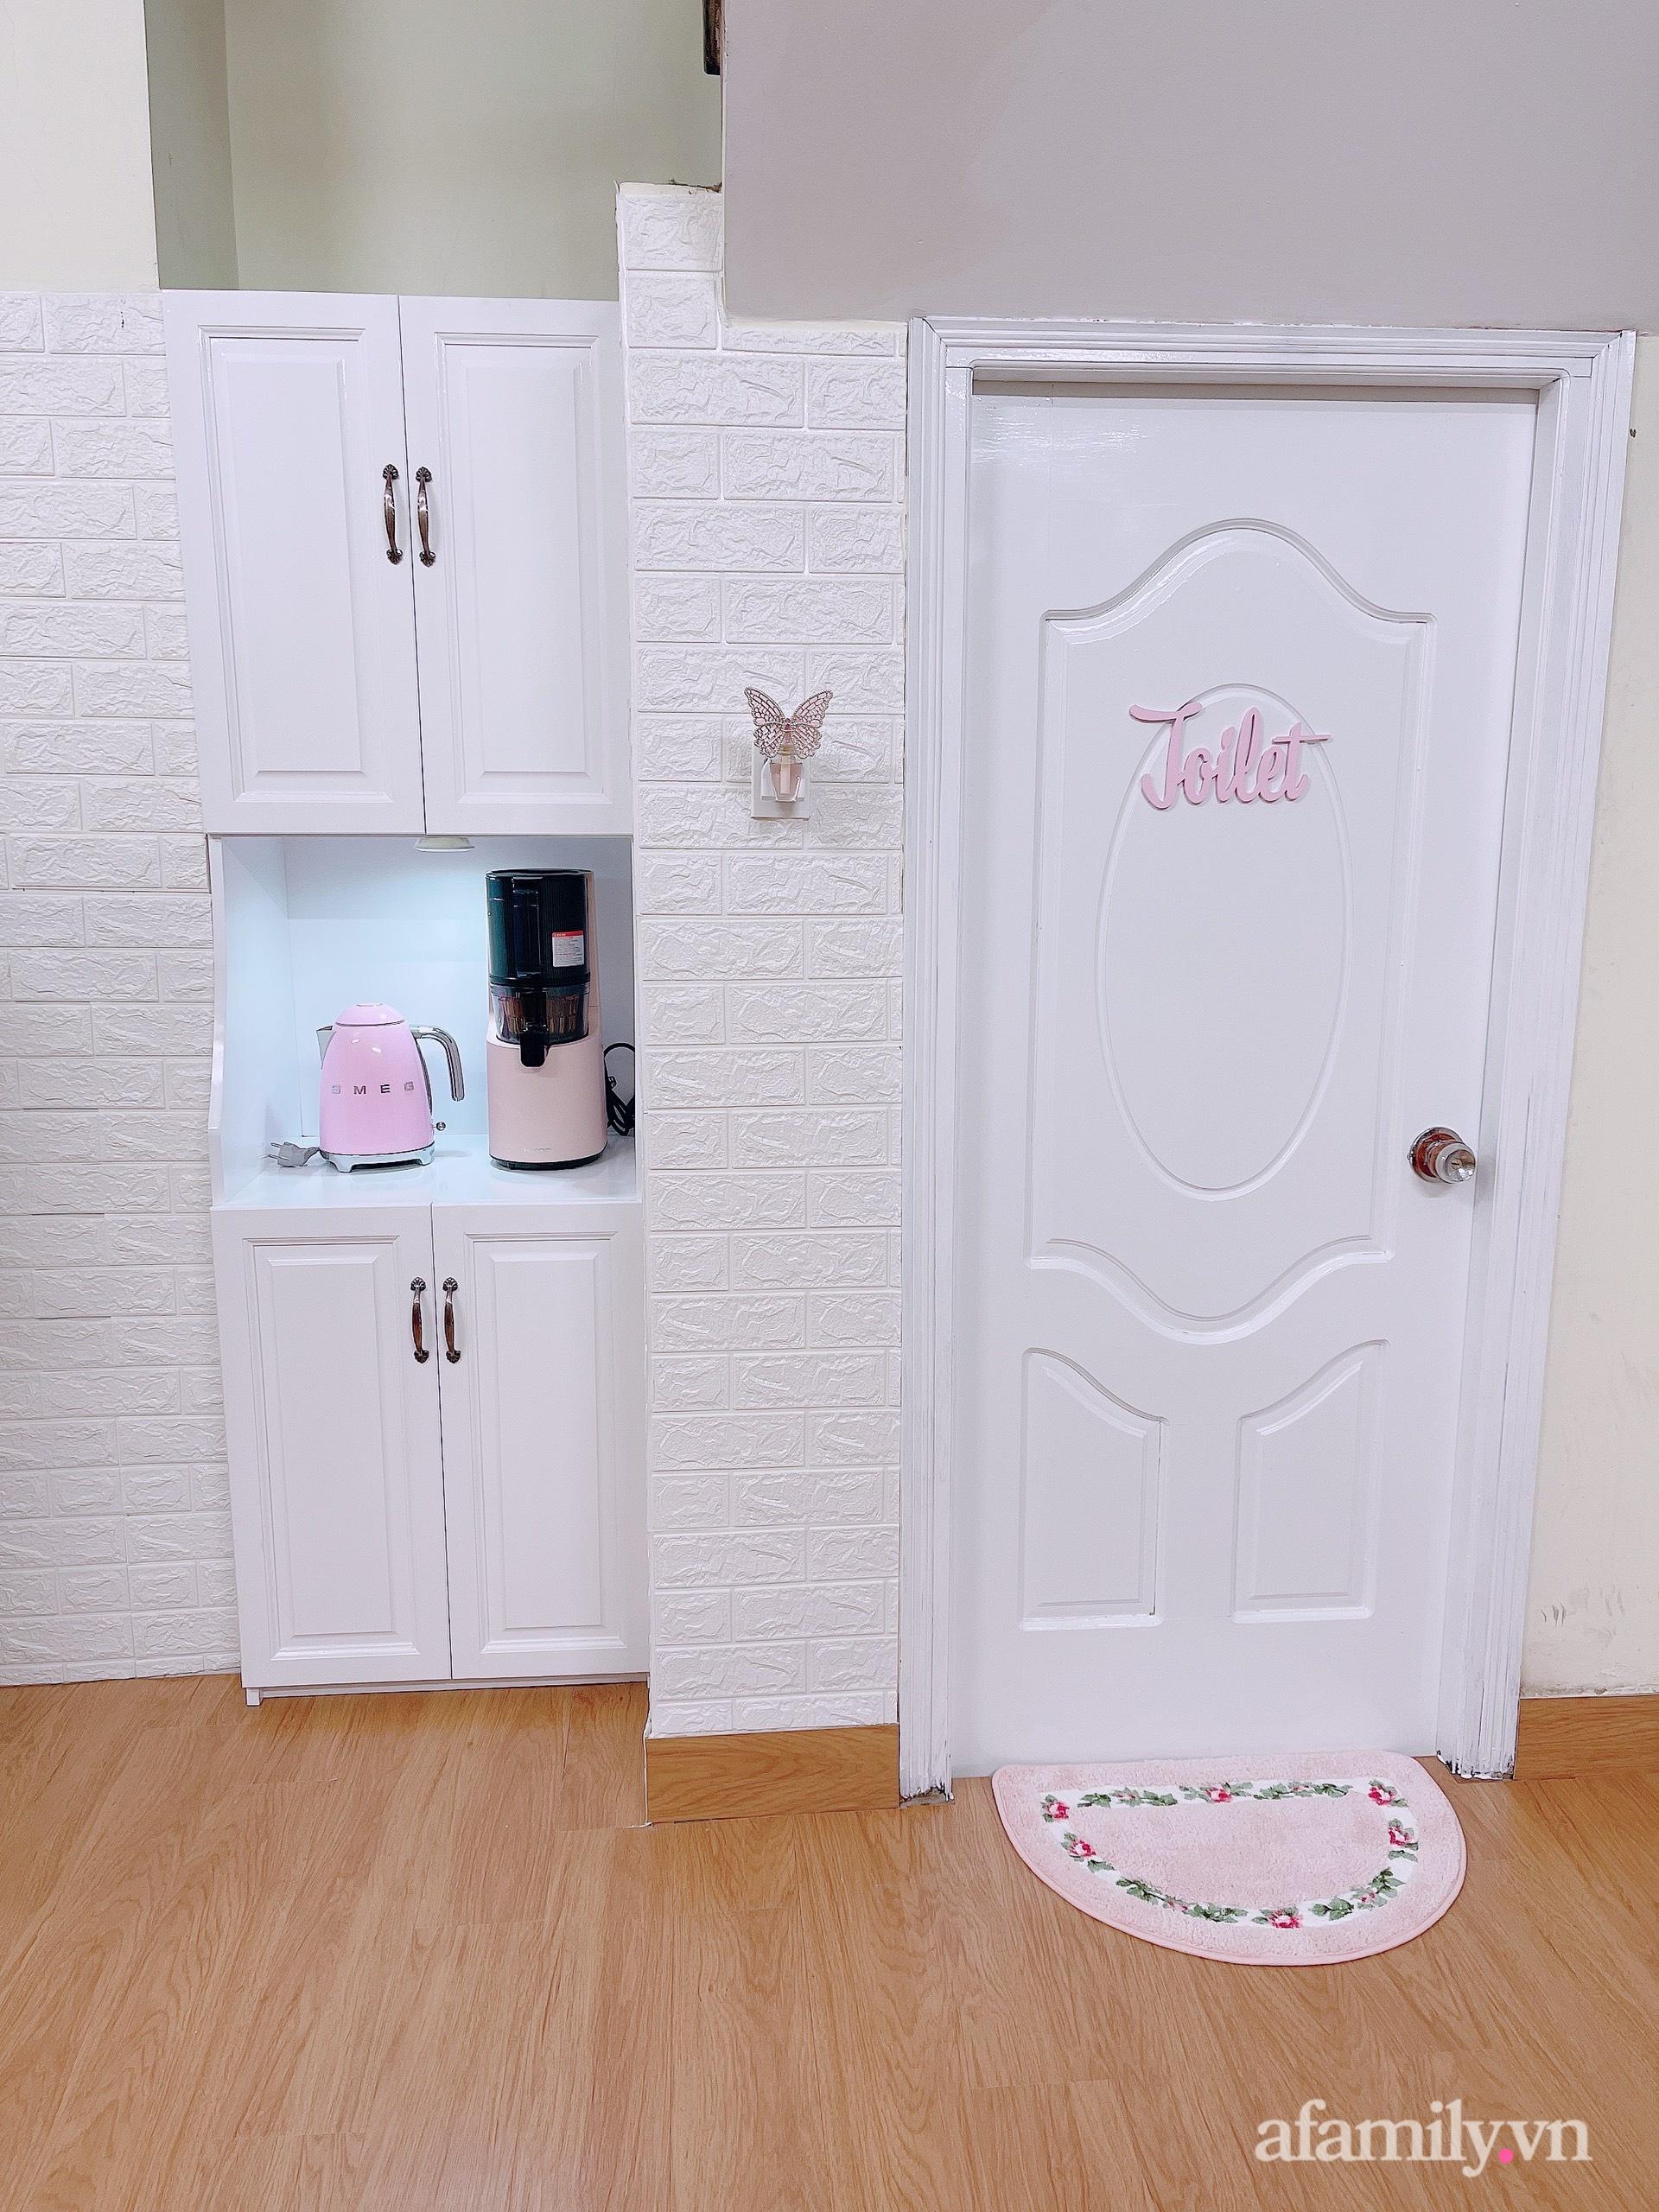 Mẹ trẻ Đà Lạt tự cải tạo căn bếp chật hẹp thành không gian tiện nghi với chi phí rẻ không ngờ - Ảnh 6.